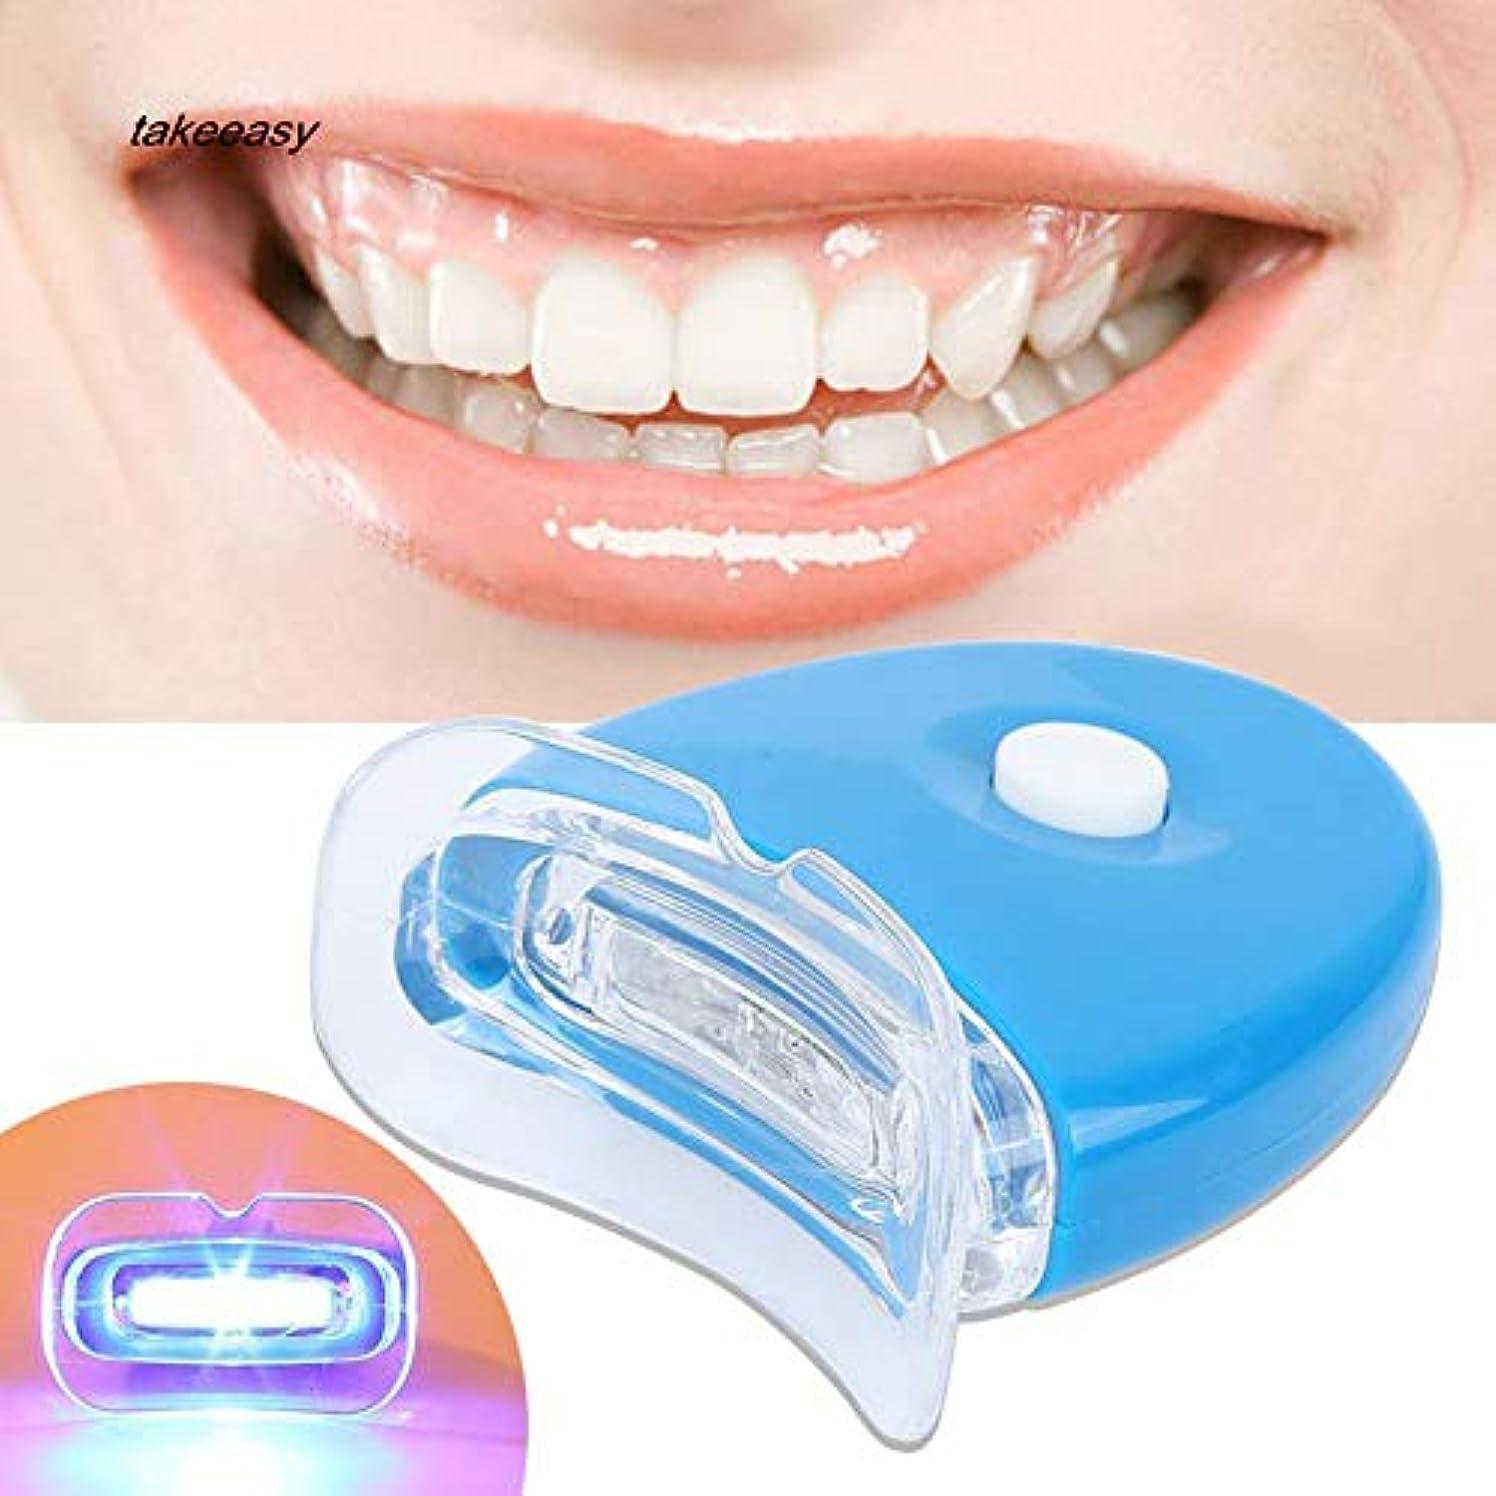 火山のバンガロー中性歯ホワイトニング器 歯美白器 美歯器 ホワイトニング ホワイトナー ケア 歯の消しゴム 歯科機器 口腔ゲルキット ライト付き 歯を白くする